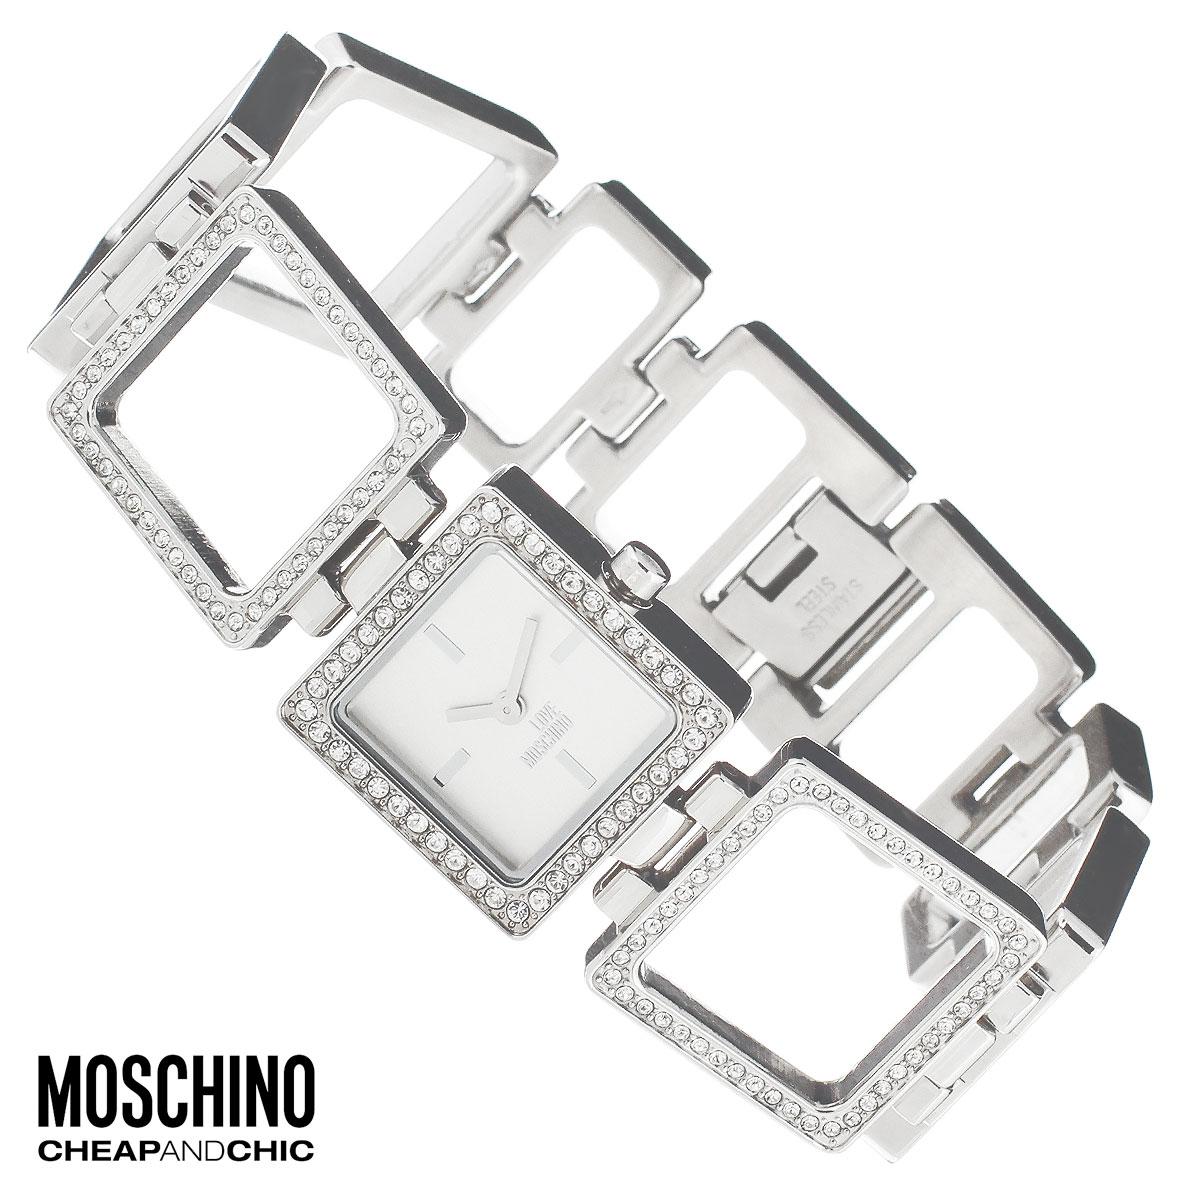 Часы женские наручные Moschino, цвет: серебристый. MW0447MW0447Наручные часы от известного итальянского бренда Moschino - это не только стильный и функциональный аксессуар, но и современные технологи, сочетающиеся с экстравагантным дизайном и индивидуальностью. Часы Moschino оснащены кварцевым механизмом. Корпус выполнен из высококачественной нержавеющей стали и по контуру циферблата декорирован стразами. Циферблат с отметками оформлен надписью Love Moschino и защищен минеральным стеклом. Часы имеют две стрелки - часовую и минутную. Браслет часов выполнен из нержавеющей стали в виде квадратных звеньев и имеет надежную застежку. Часы упакованы в фирменную металлическую коробку с логотипом бренда. Часы Moschino благодаря своему уникальному дизайну отличаются от часов других марок своеобразными циферблатами, функциональностью, а также набором уникальных технических свойств. Каждой модели присуща легкая экстравагантность, самобытность и, безусловно, великолепный вкус. Характеристики: Размер...